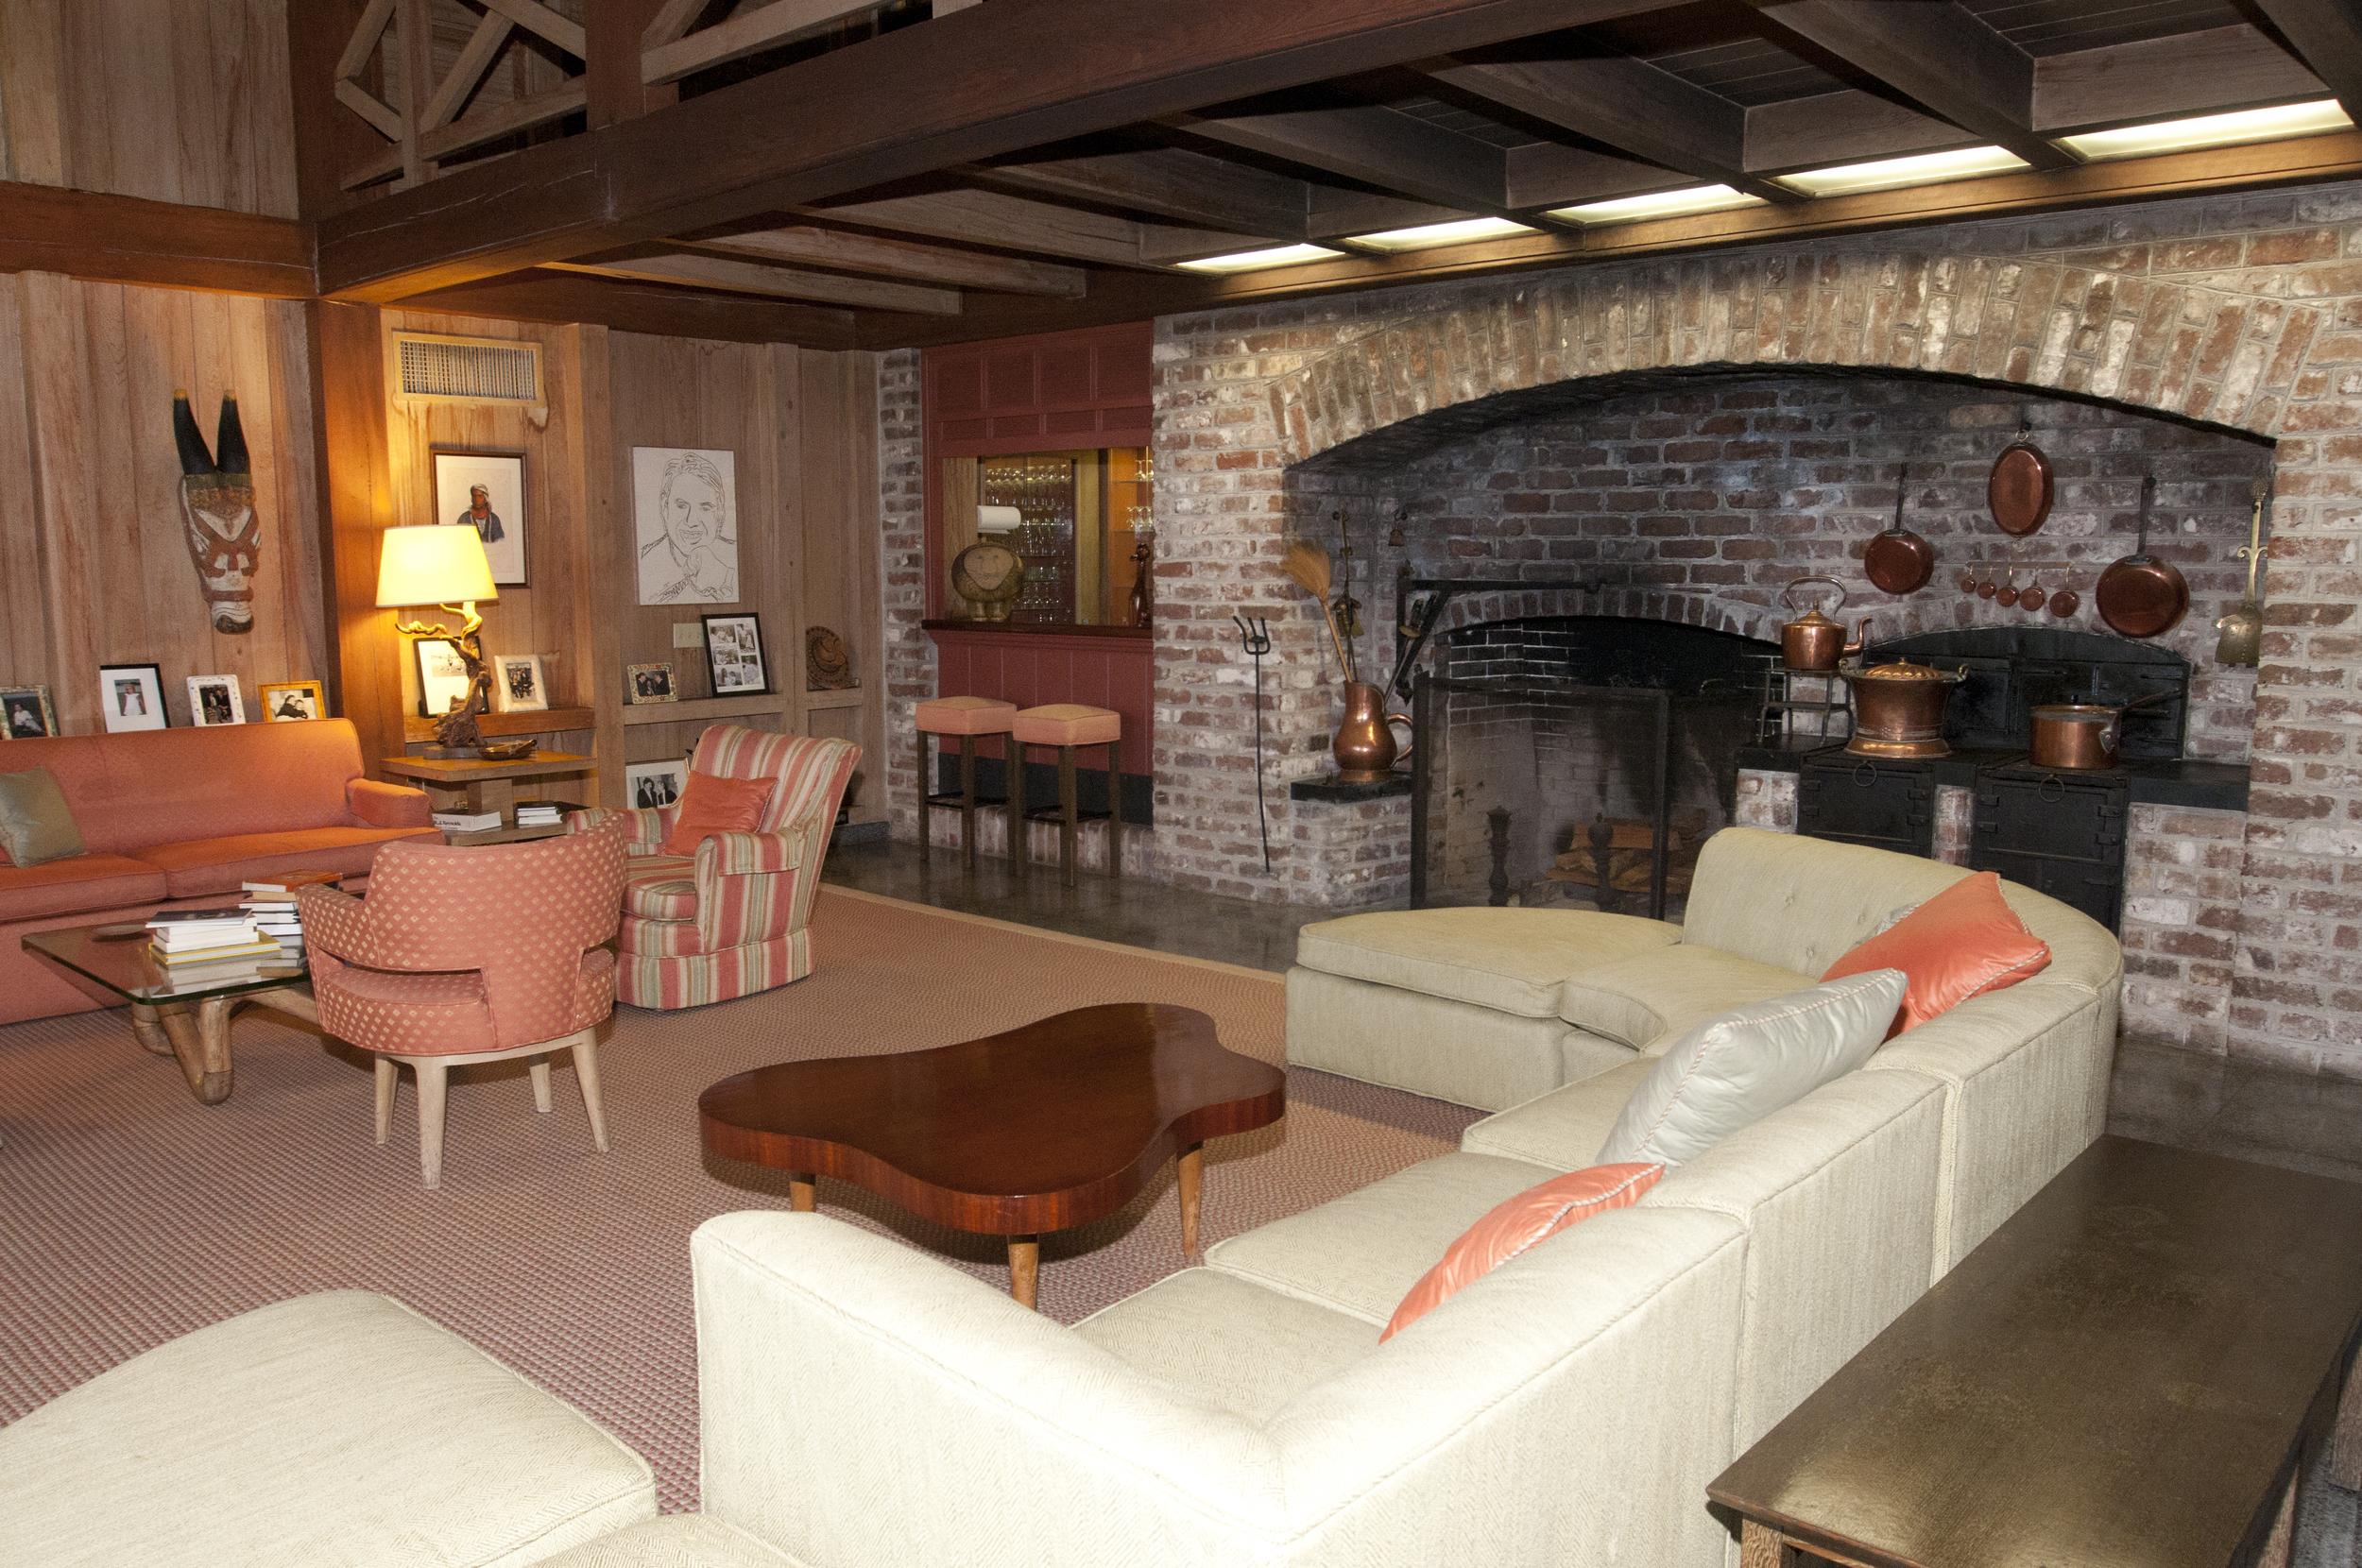 Musgrove fireplace bar.jpg